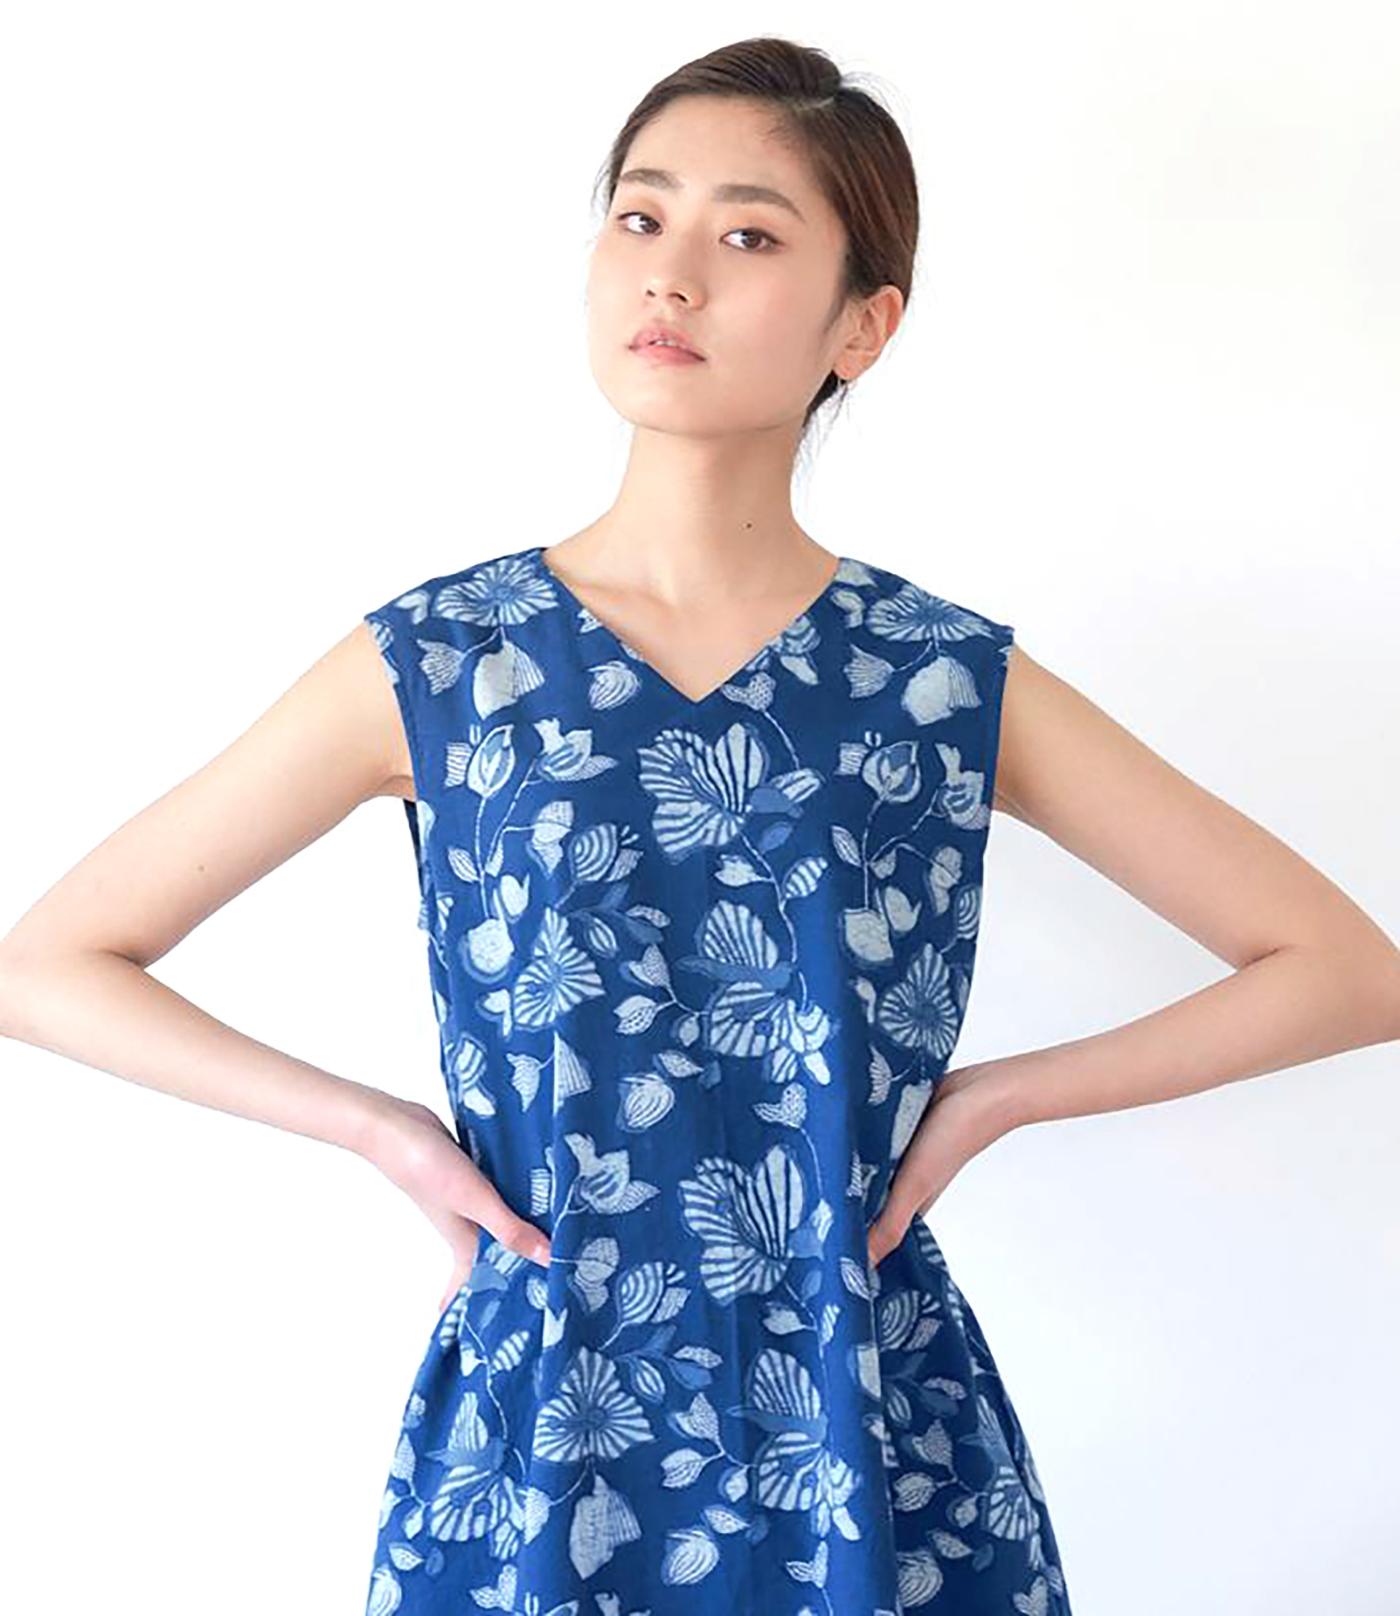 인디고 꽃 민소매 드레스/그루 인디고 꽃 민소매 드레스 상세이미지5